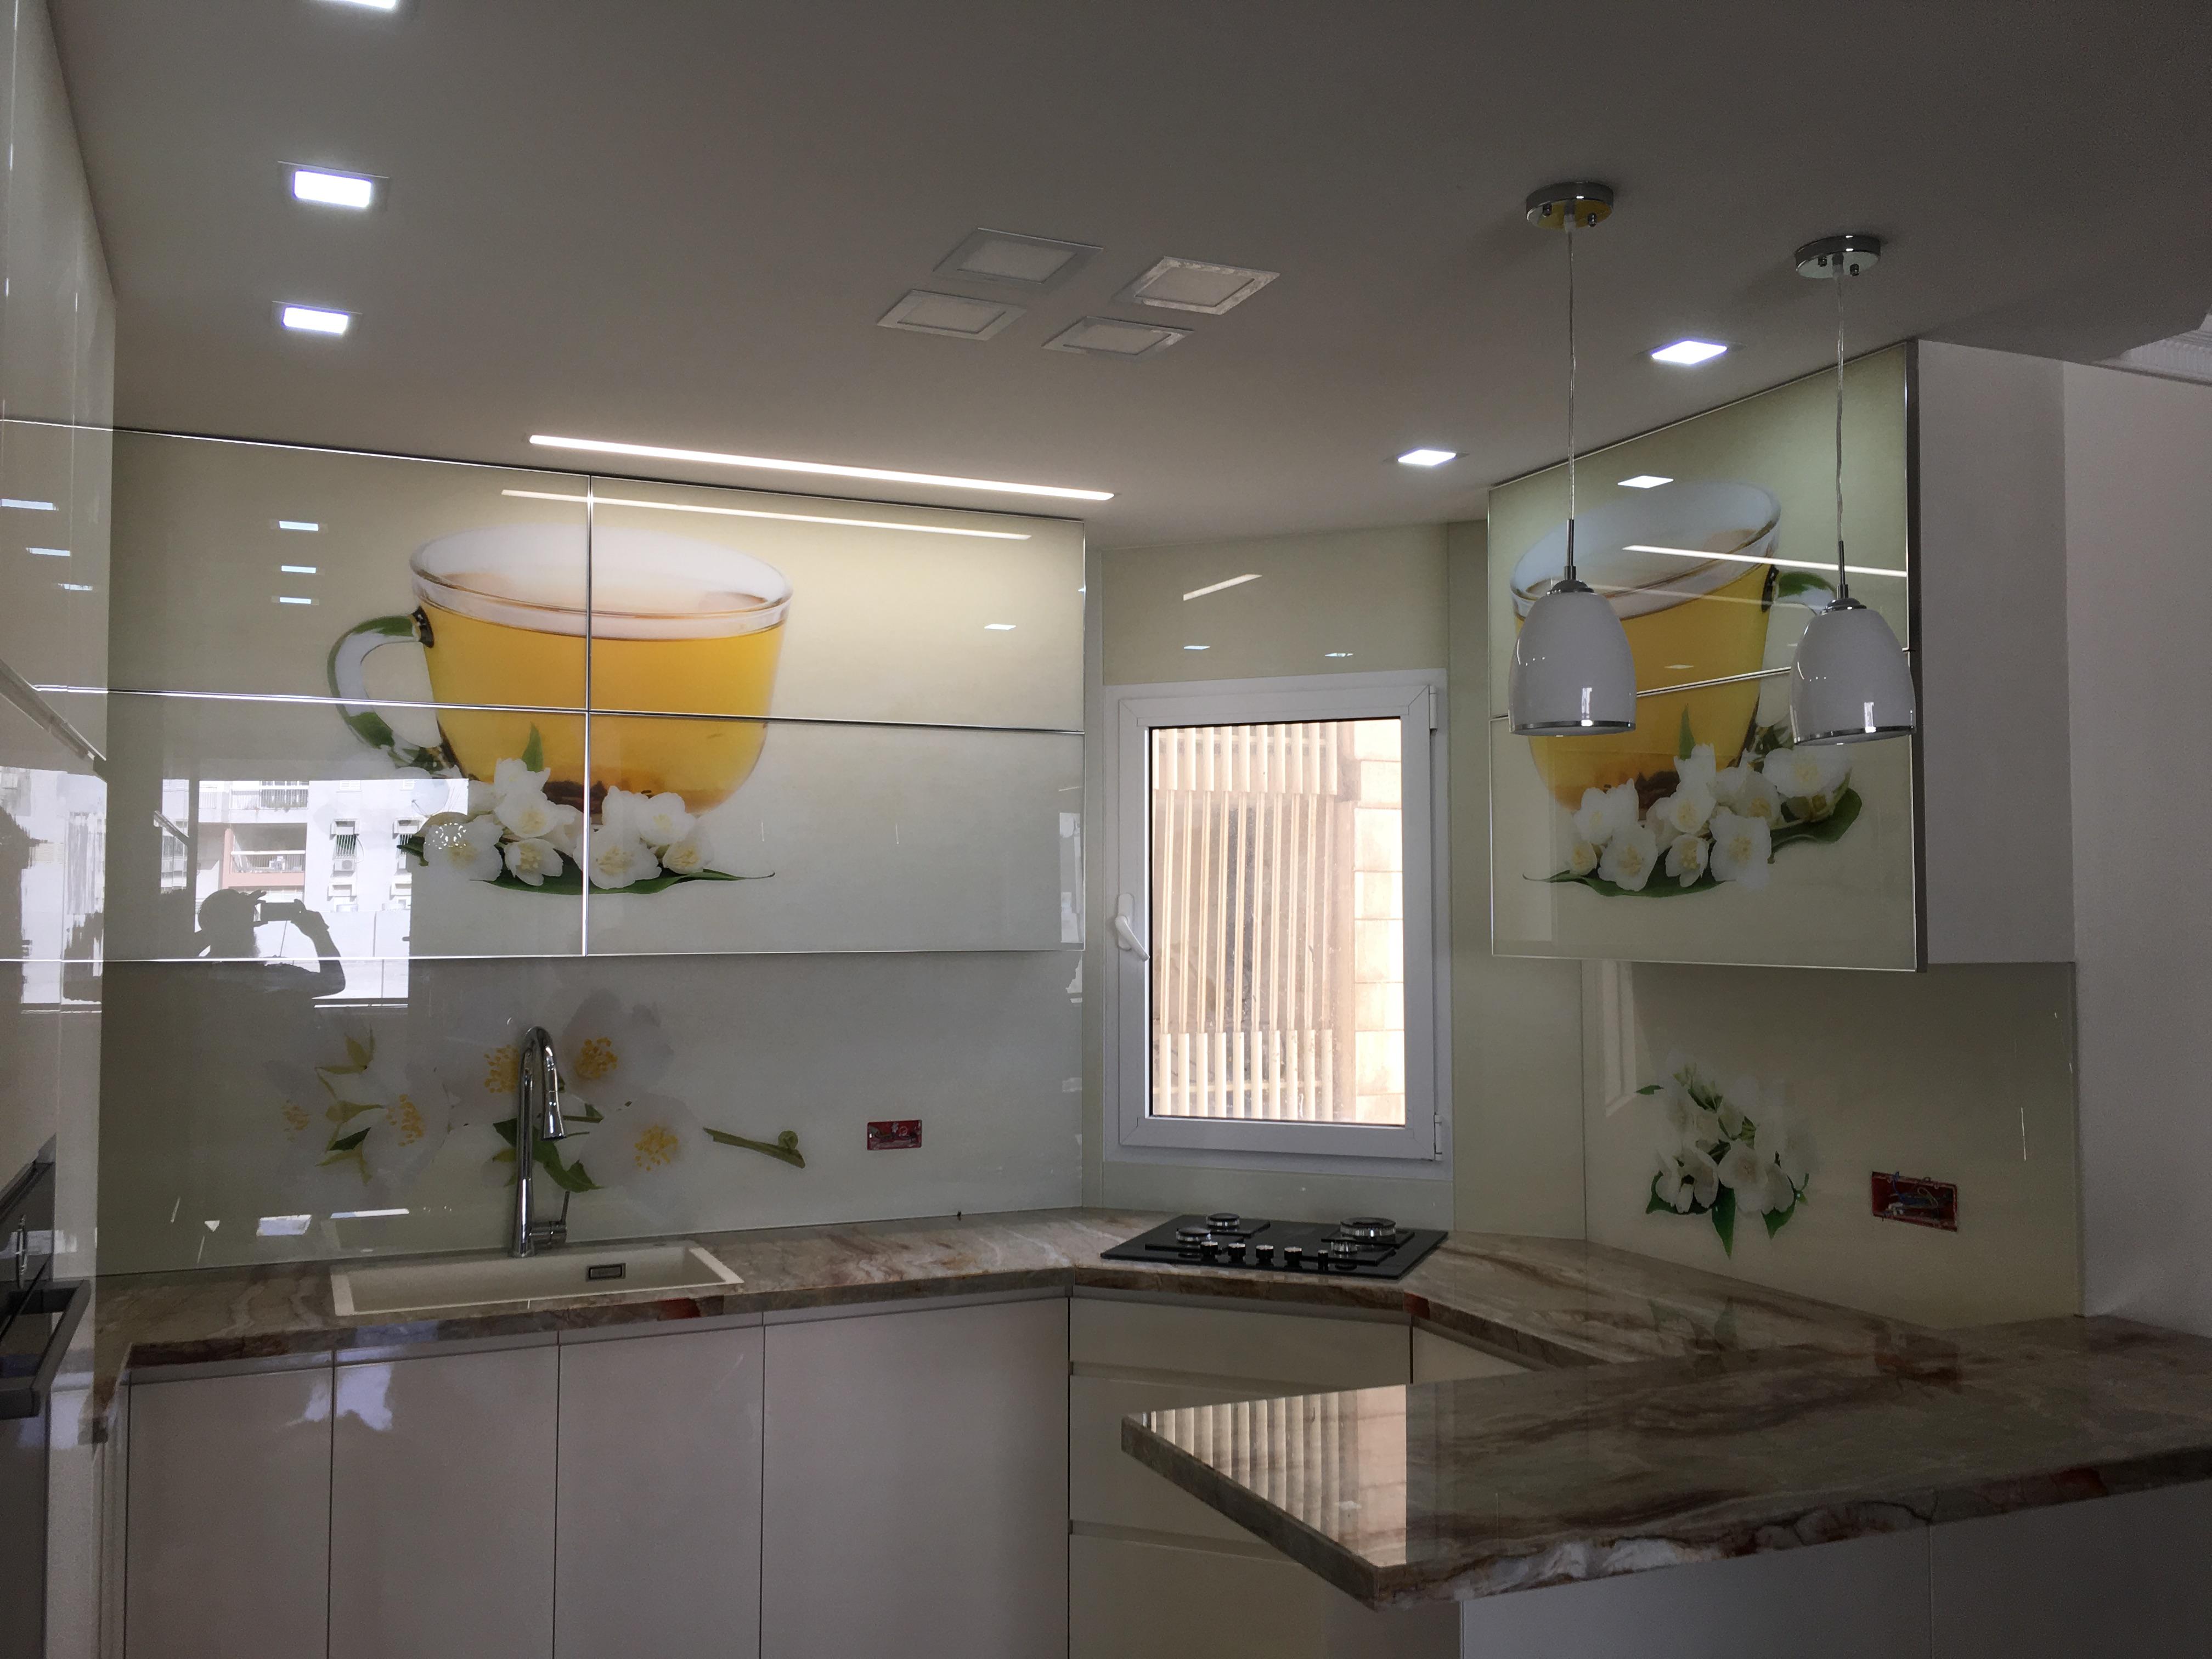 Backsplash Gallery Printed Backsplash Modern Kitchens Digitally